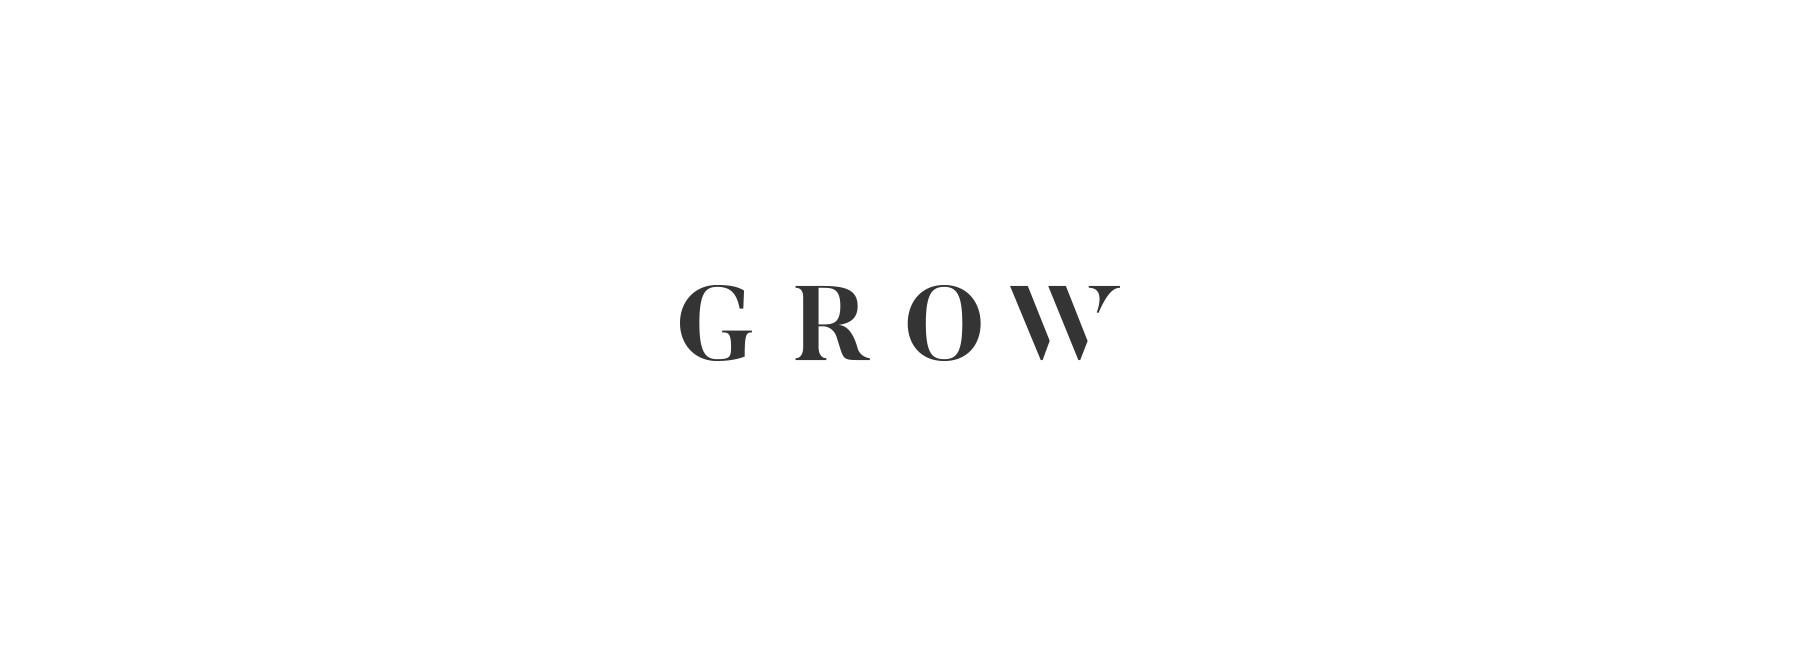 grow-corporate-design-by-max-duchardt-m-a-a-x-branding-logo-header